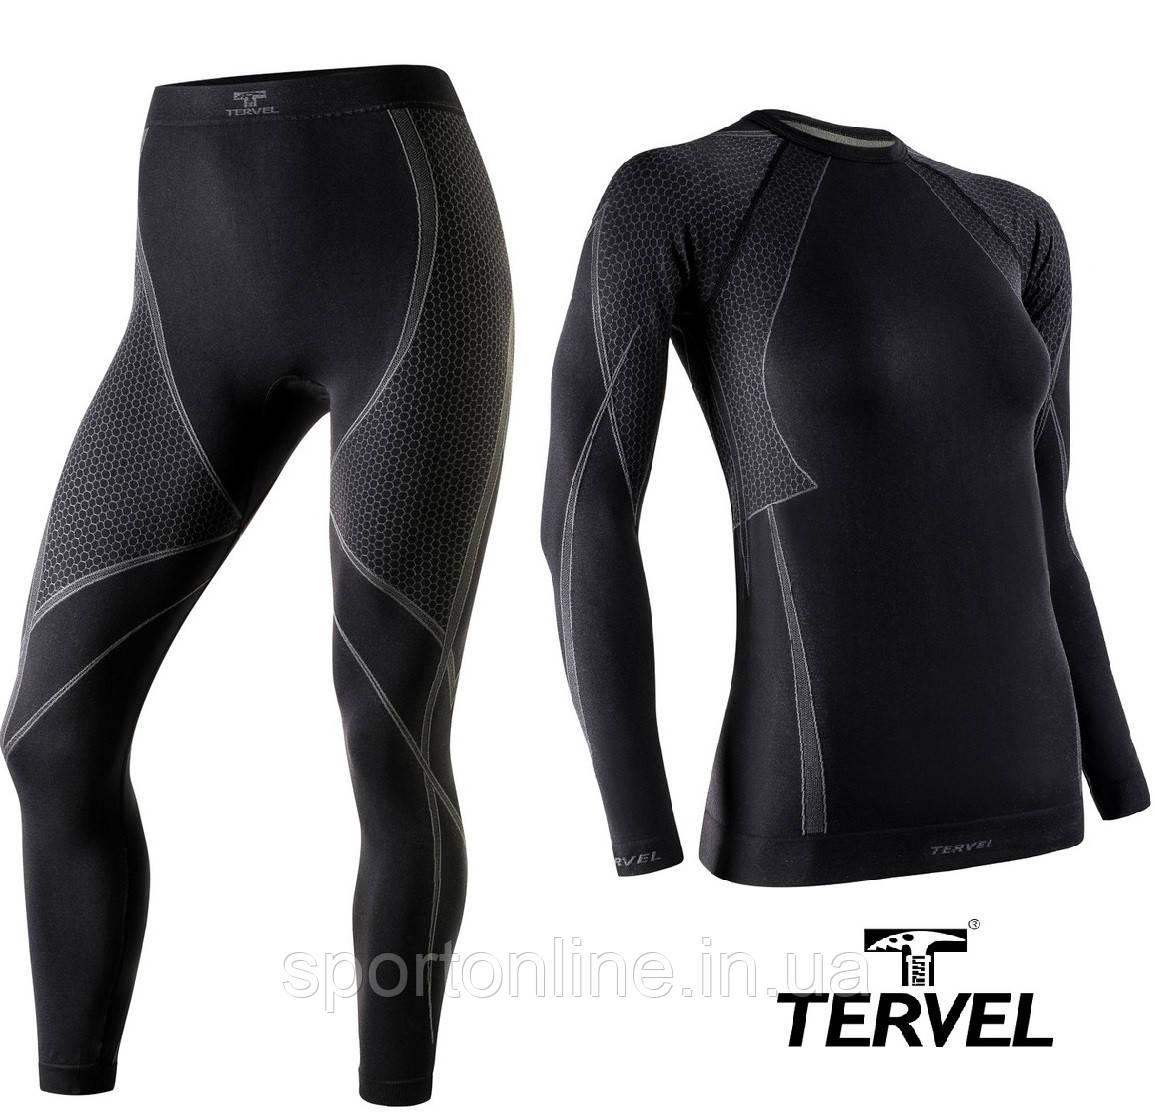 Термобельё спортивное женское Tervel Optiline комплект, бесшовное зональное, чёрный с серым узором